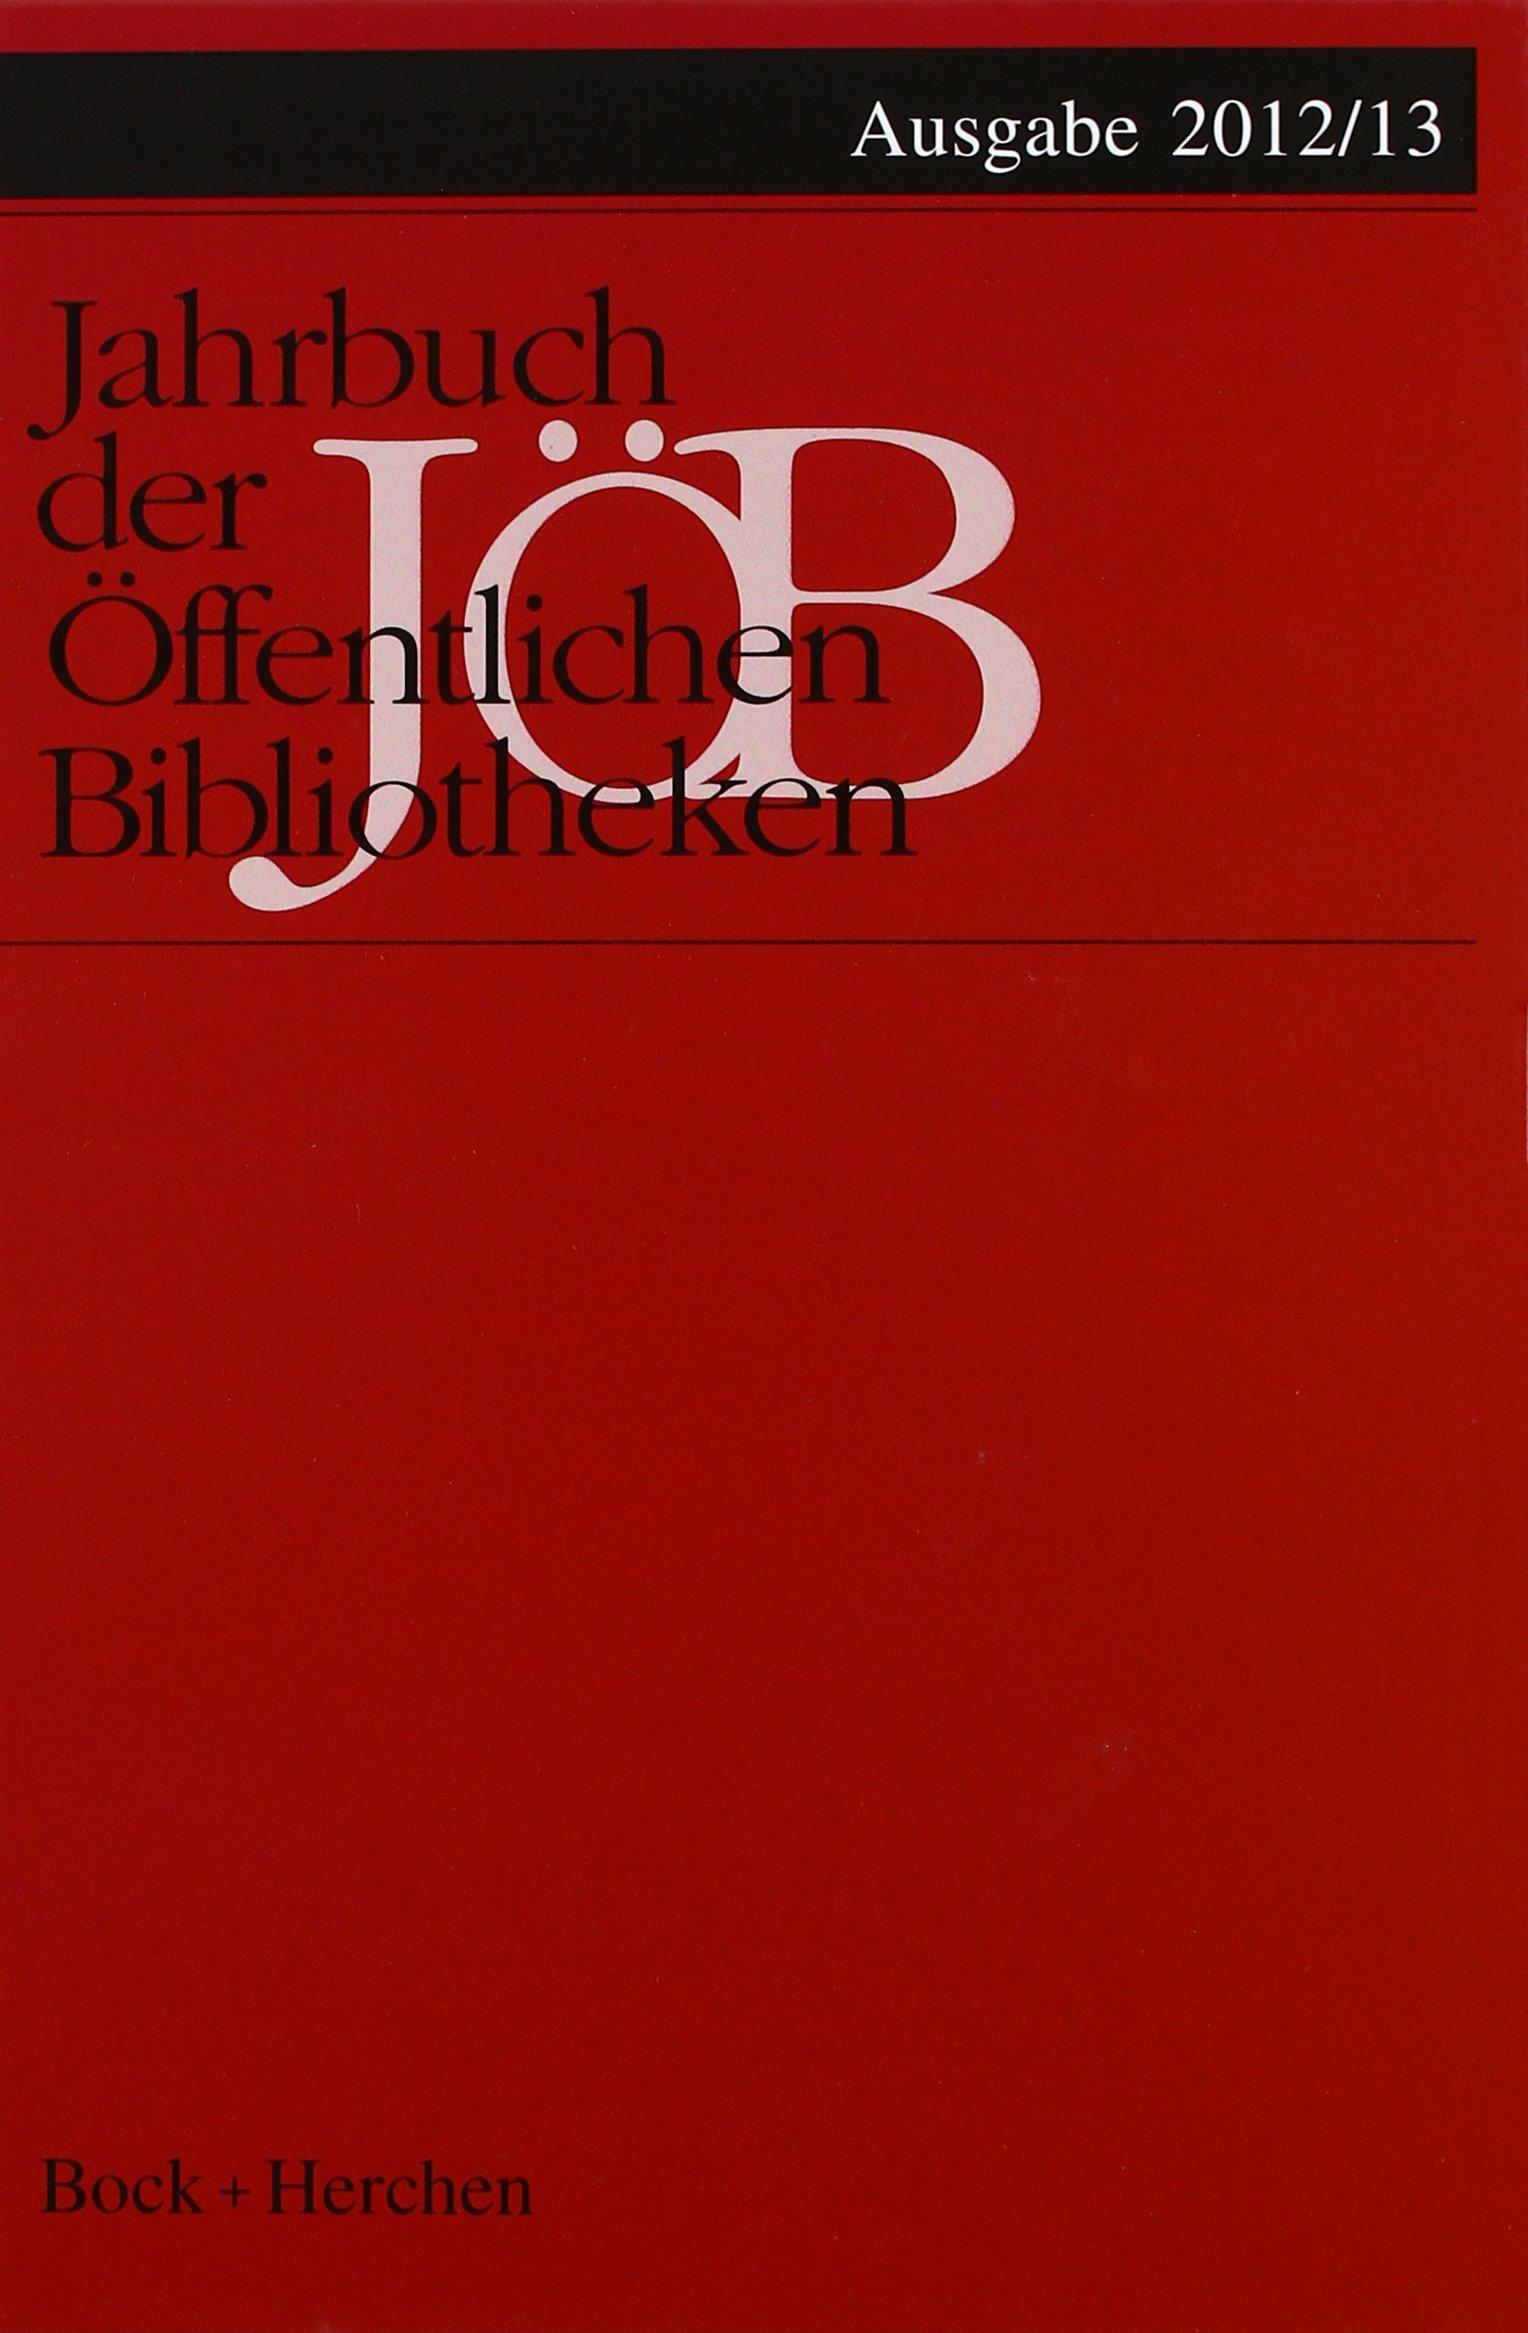 Jahrbuch der Öffentlichen Bibliotheken 2012/13 - JÖB